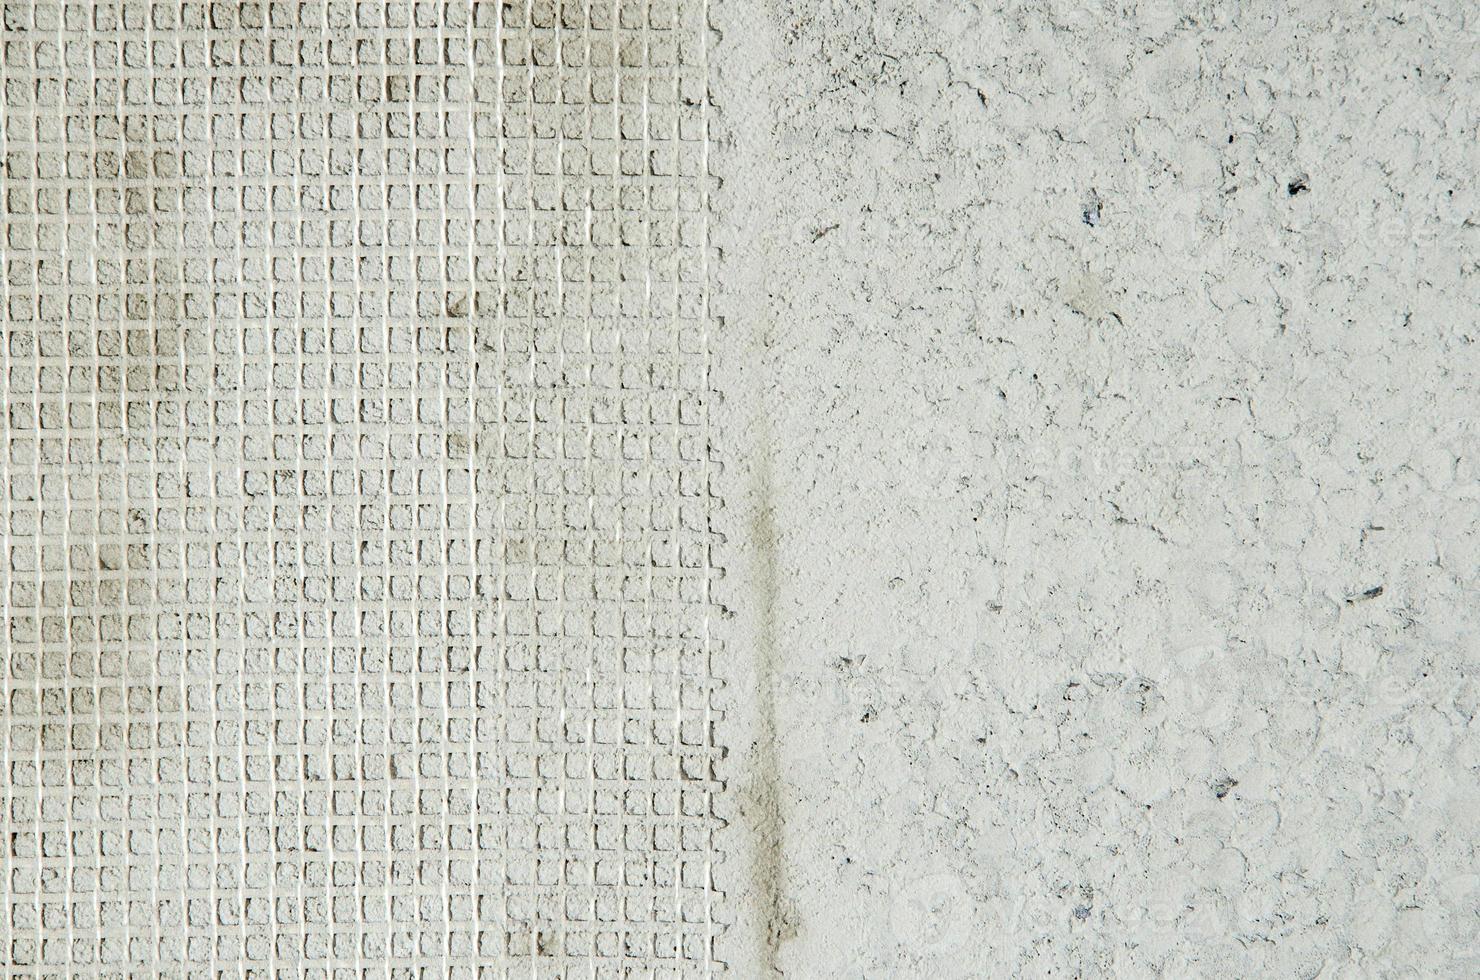 deux types de texture de mur. photo